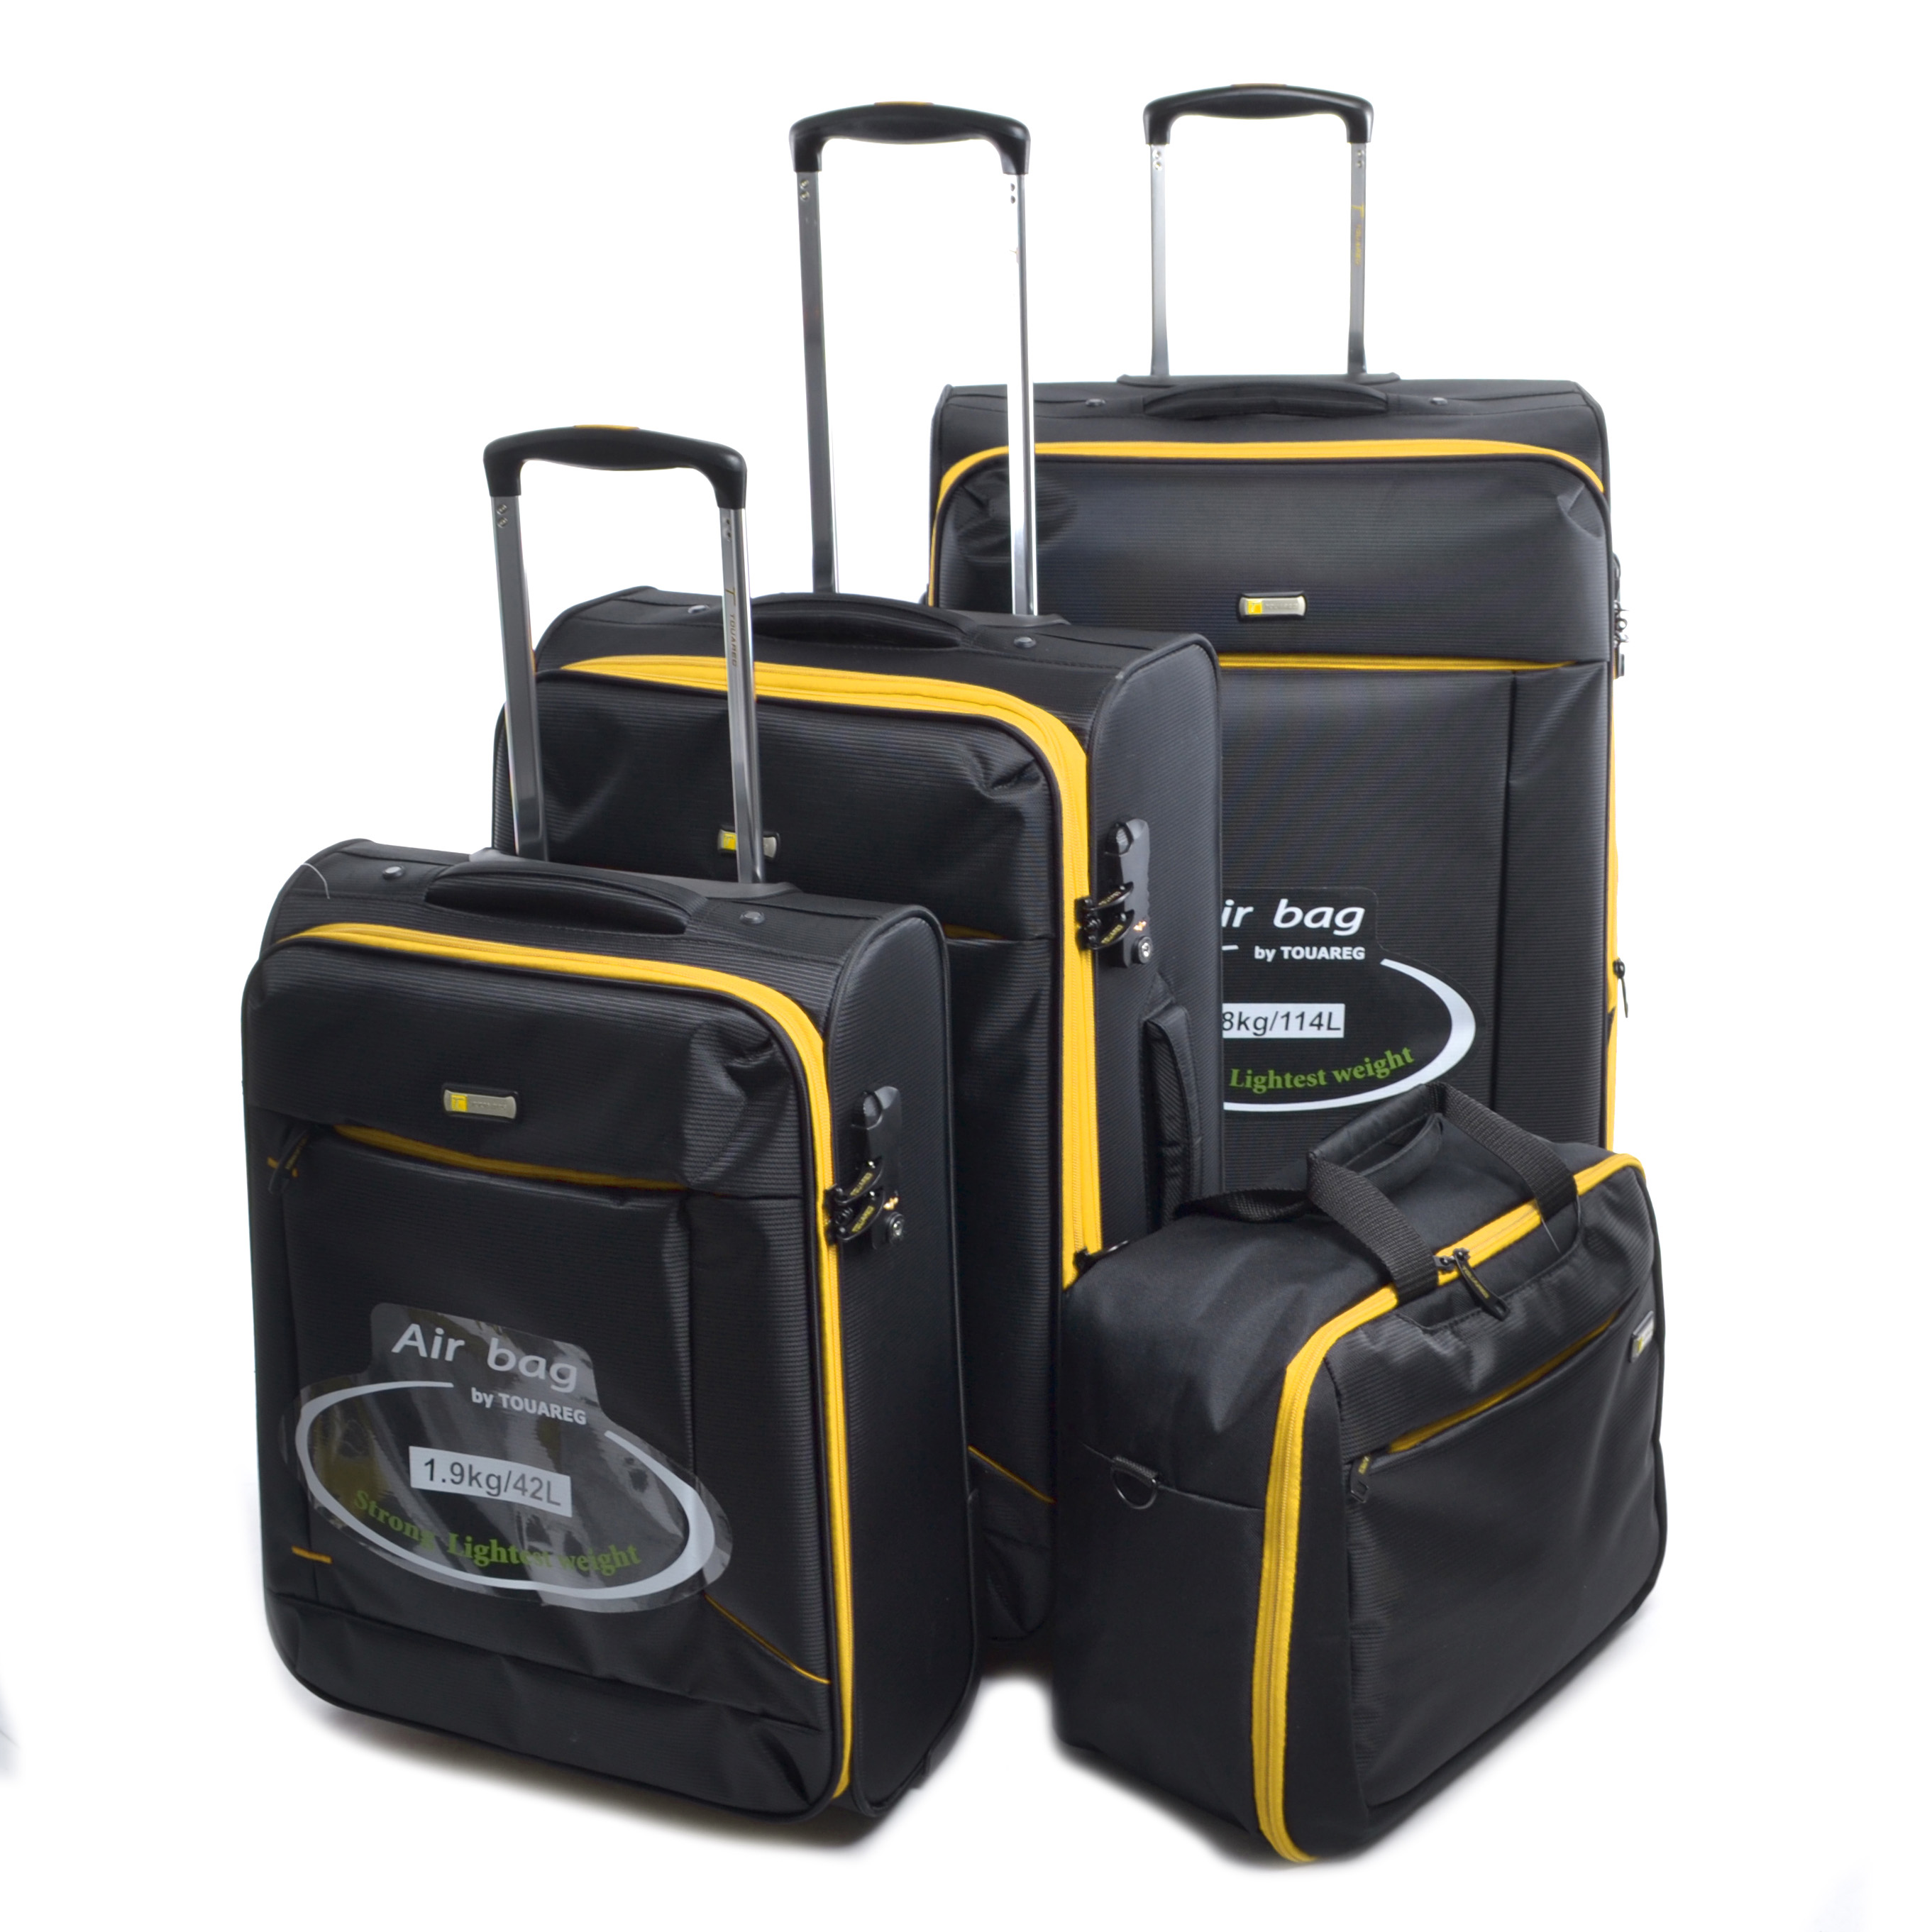 a1347e1893d2 Touareg Bőrönd Szett Fekete-Sárga - Touareg - Táska webáruház - Minőségi  táskák mindenkinek